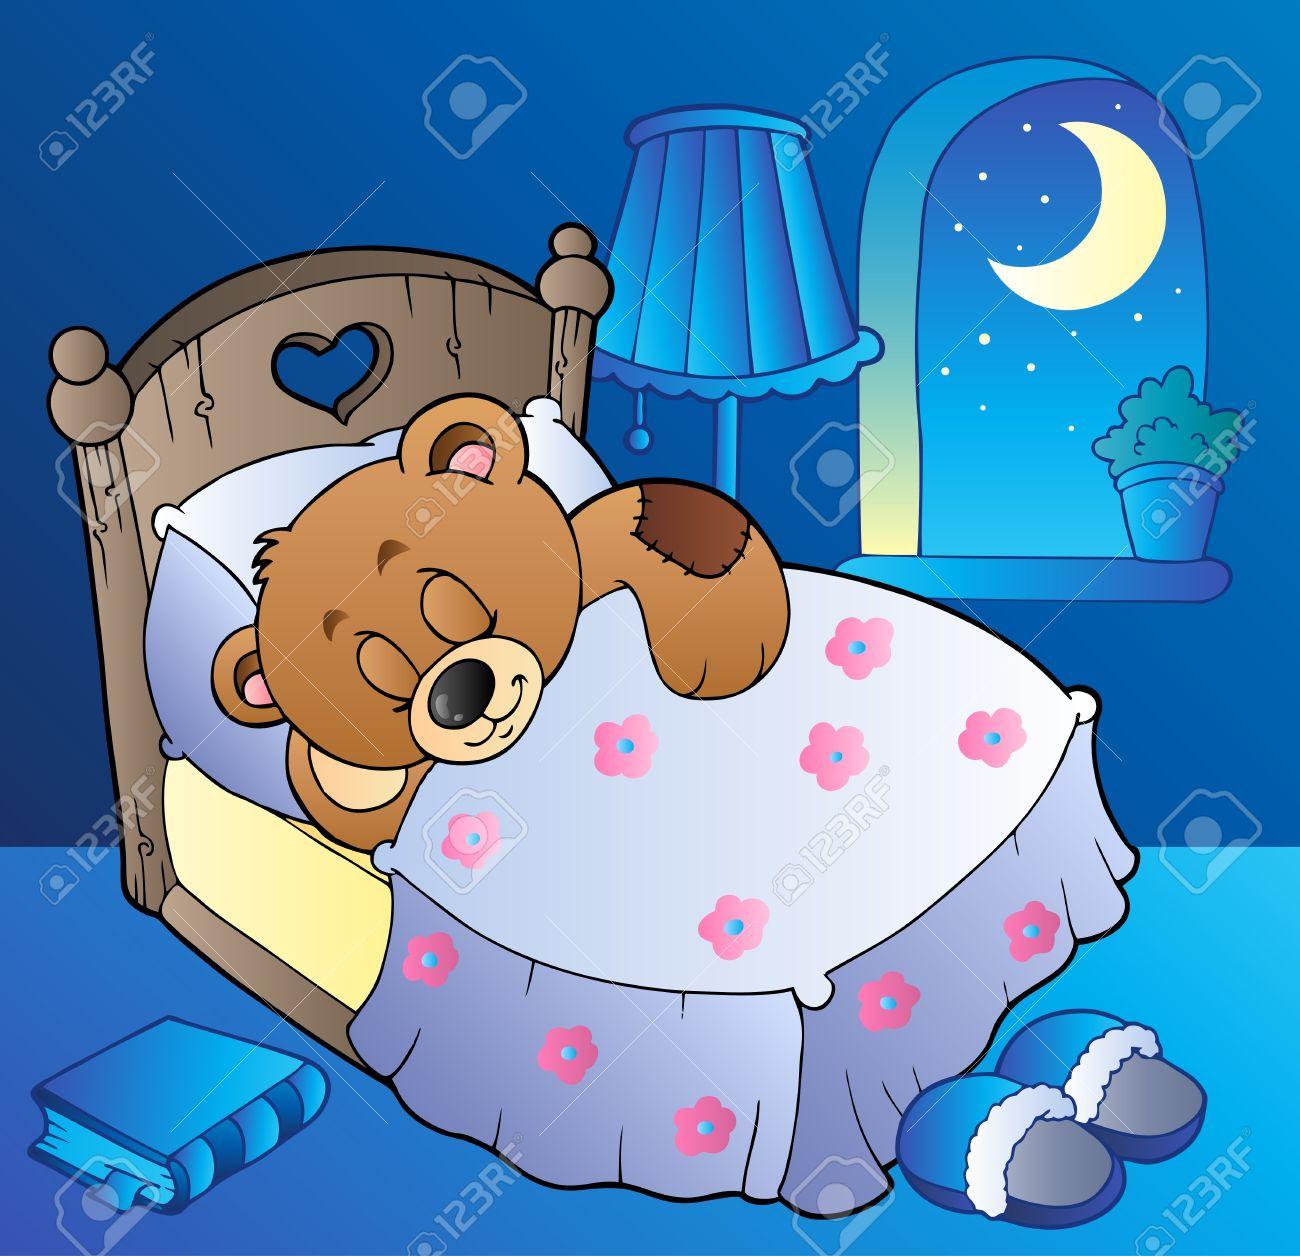 schlafende teddybär im schlafzimmer lizenzfrei nutzbare, Schlafzimmer entwurf